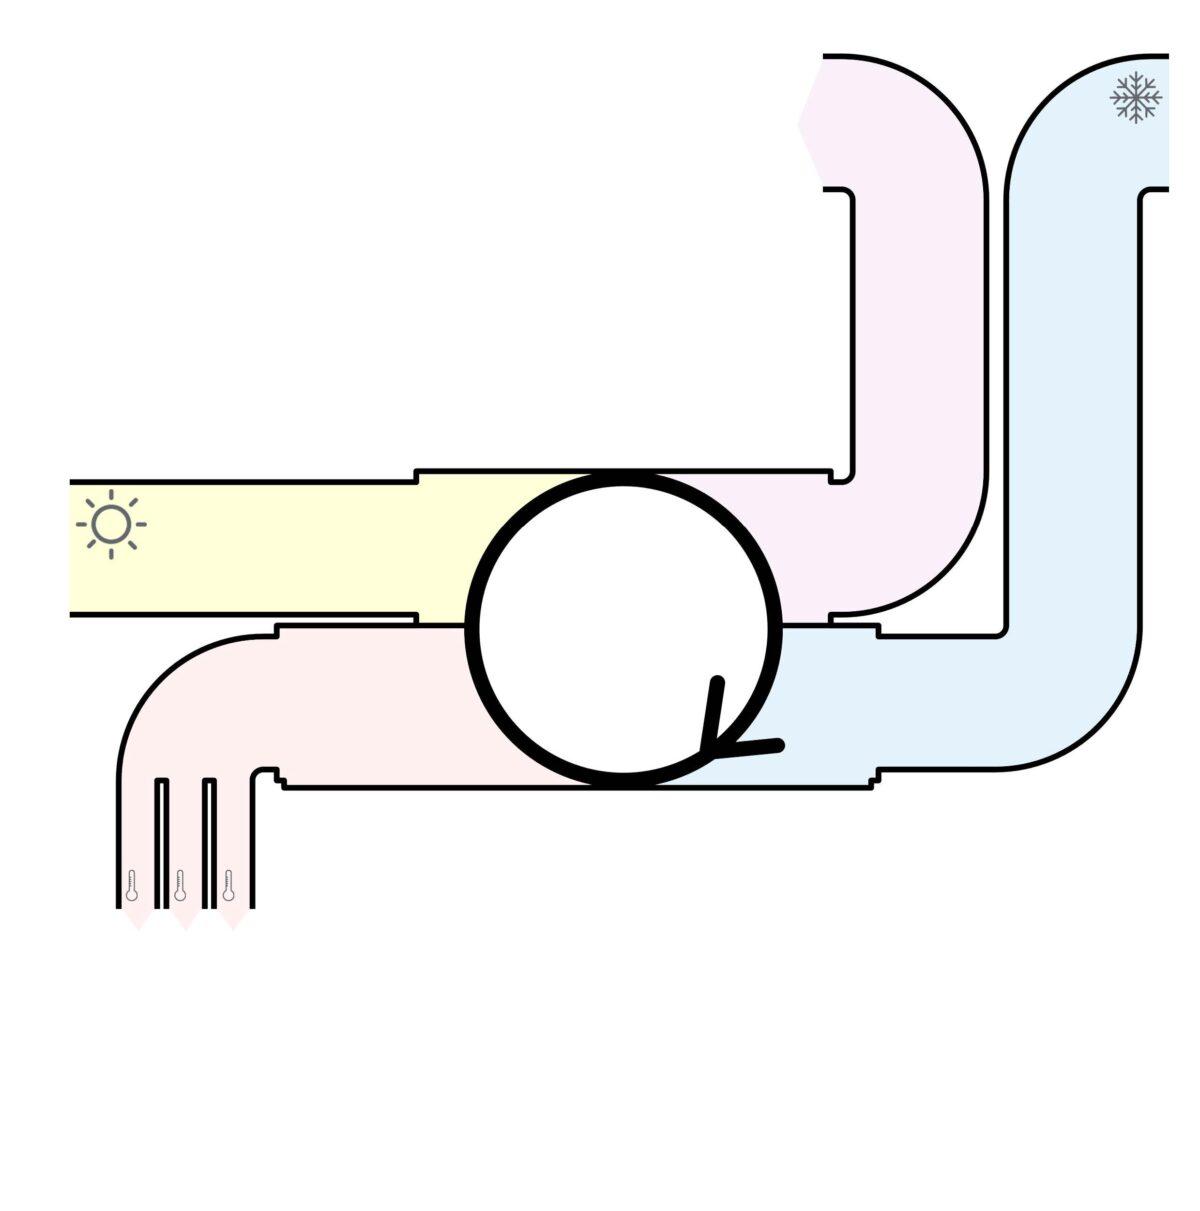 circular-bxl-hrv-hub-jan-2020